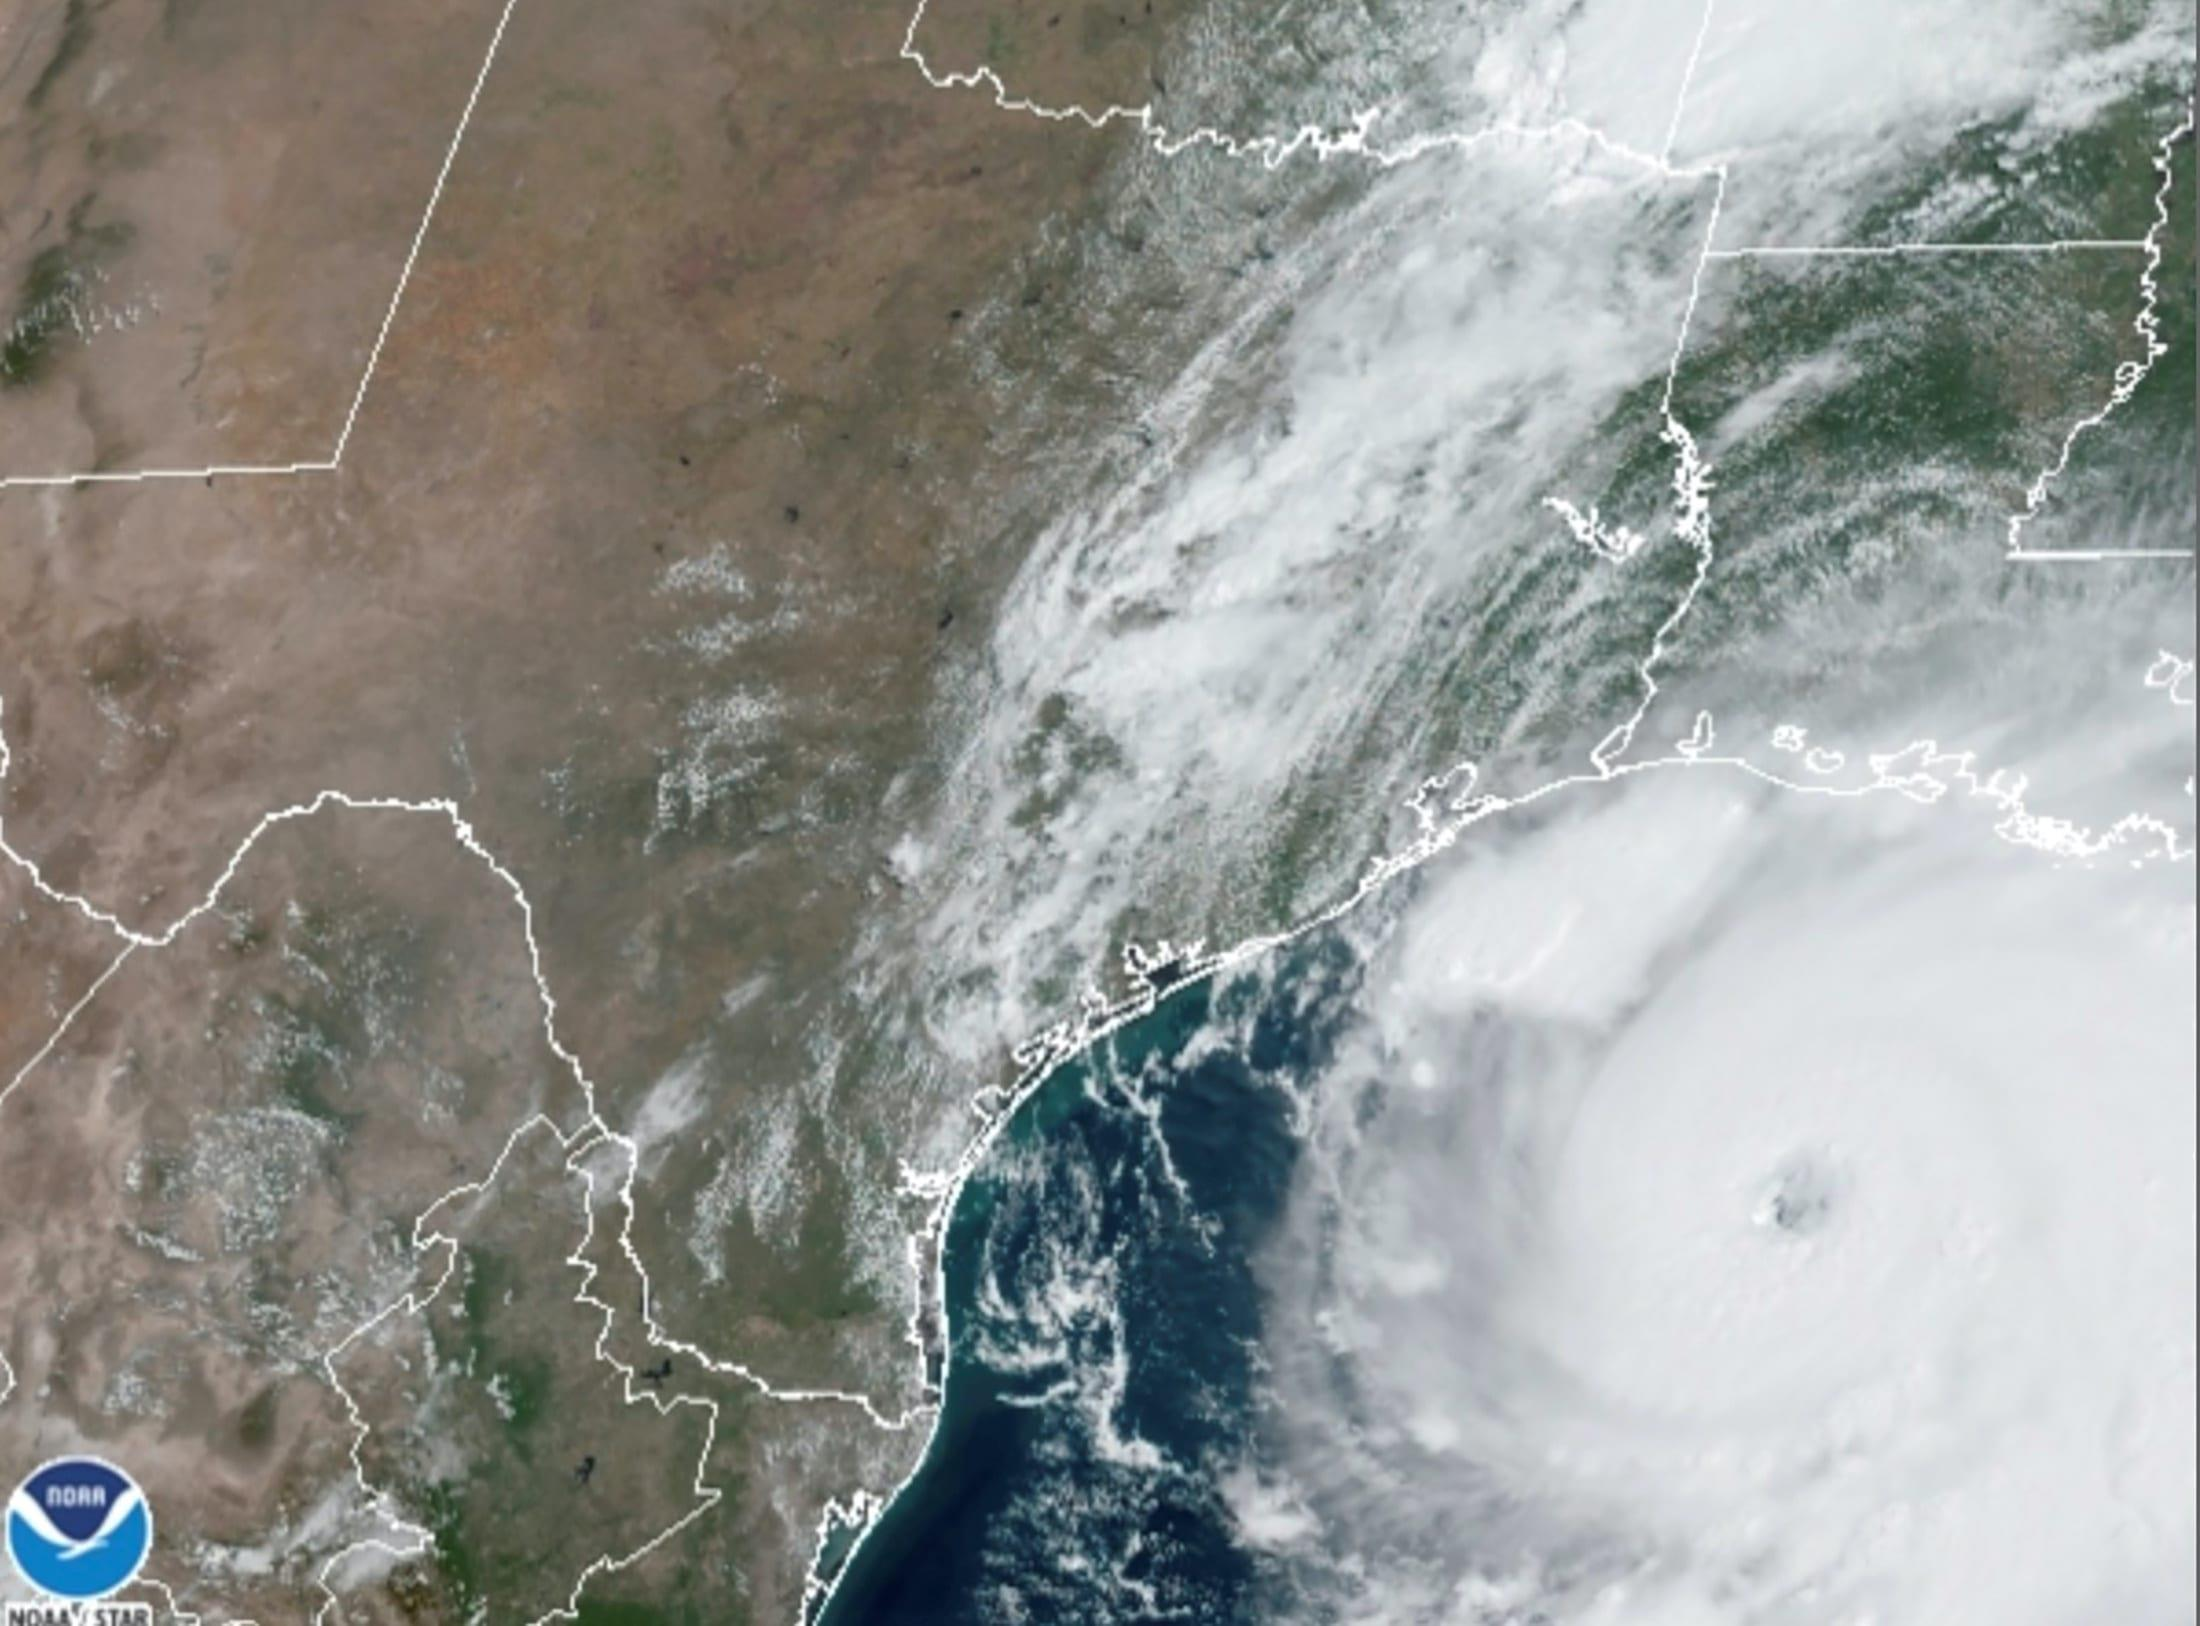 飓风劳拉袭击美国墨西哥湾 液化天然气装卸被推迟